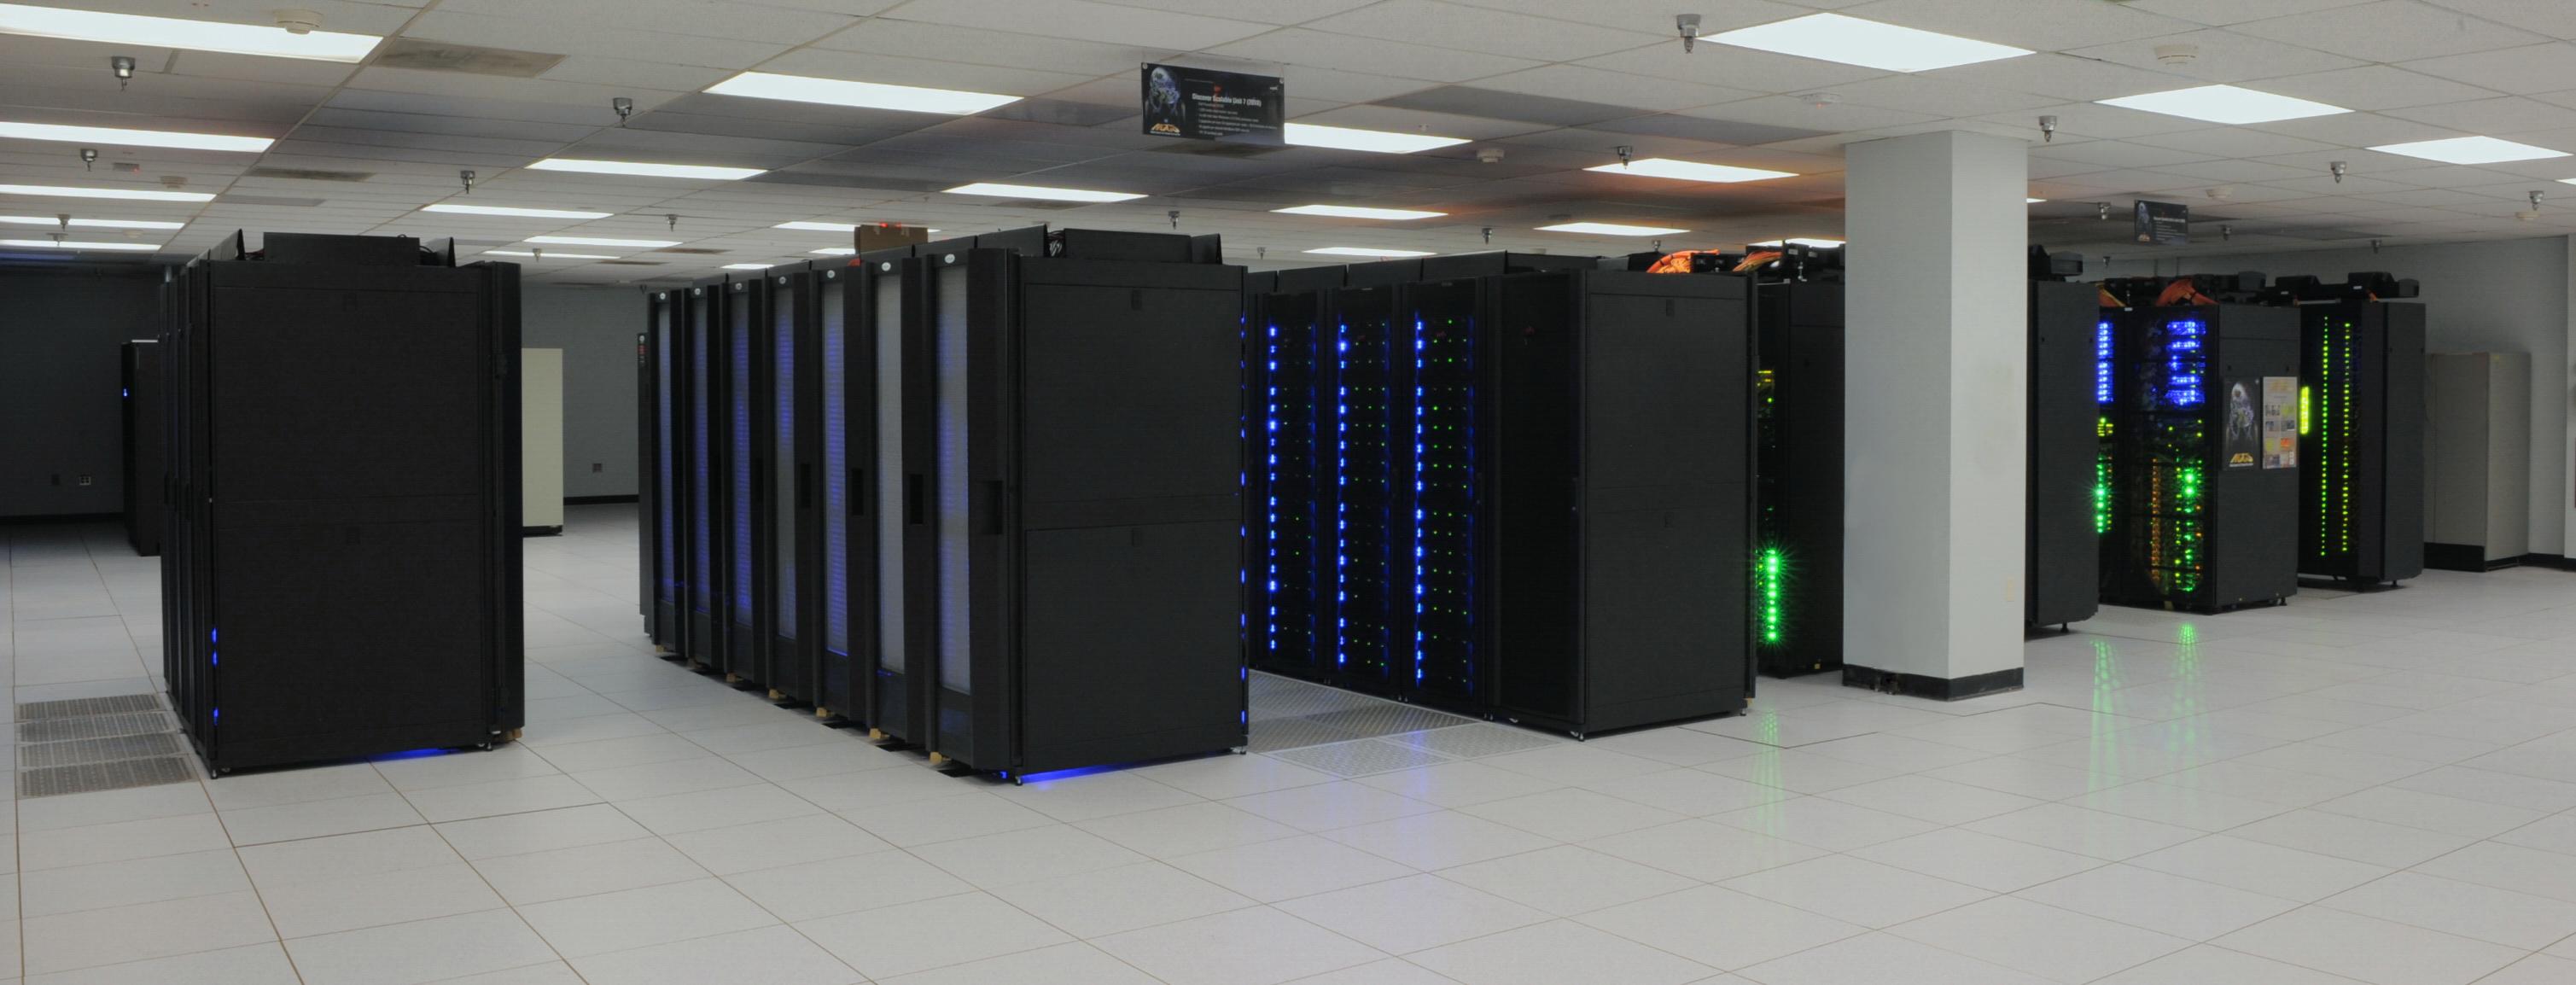 super computer .